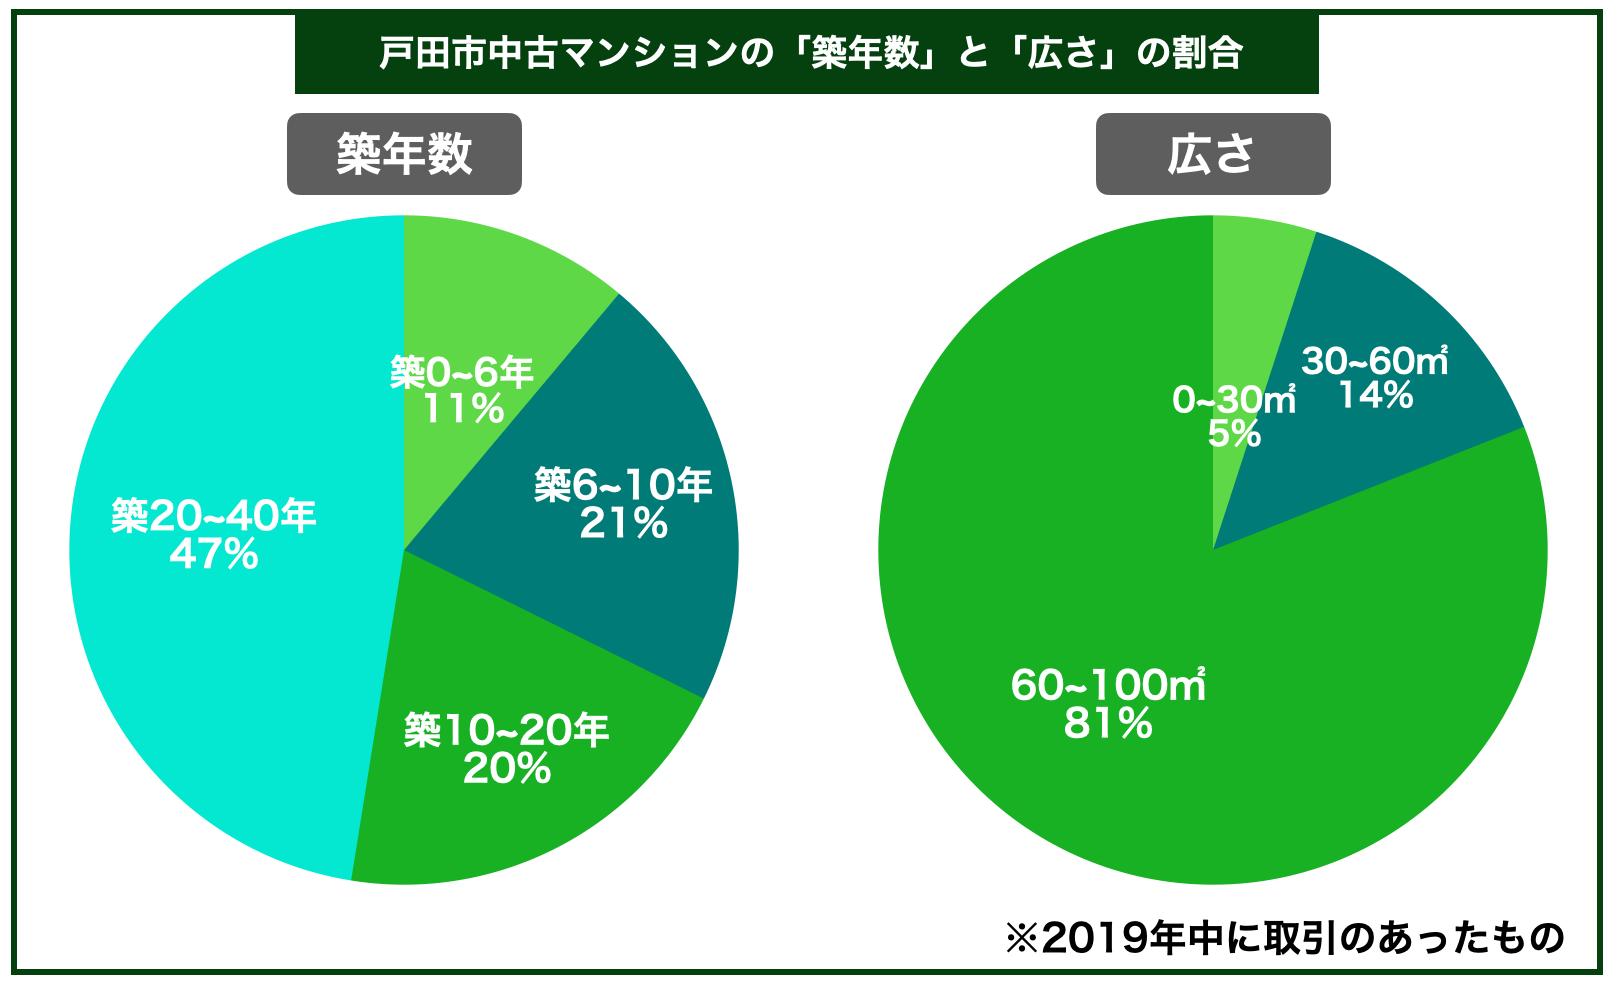 戸田市マンション築年数広さ割合